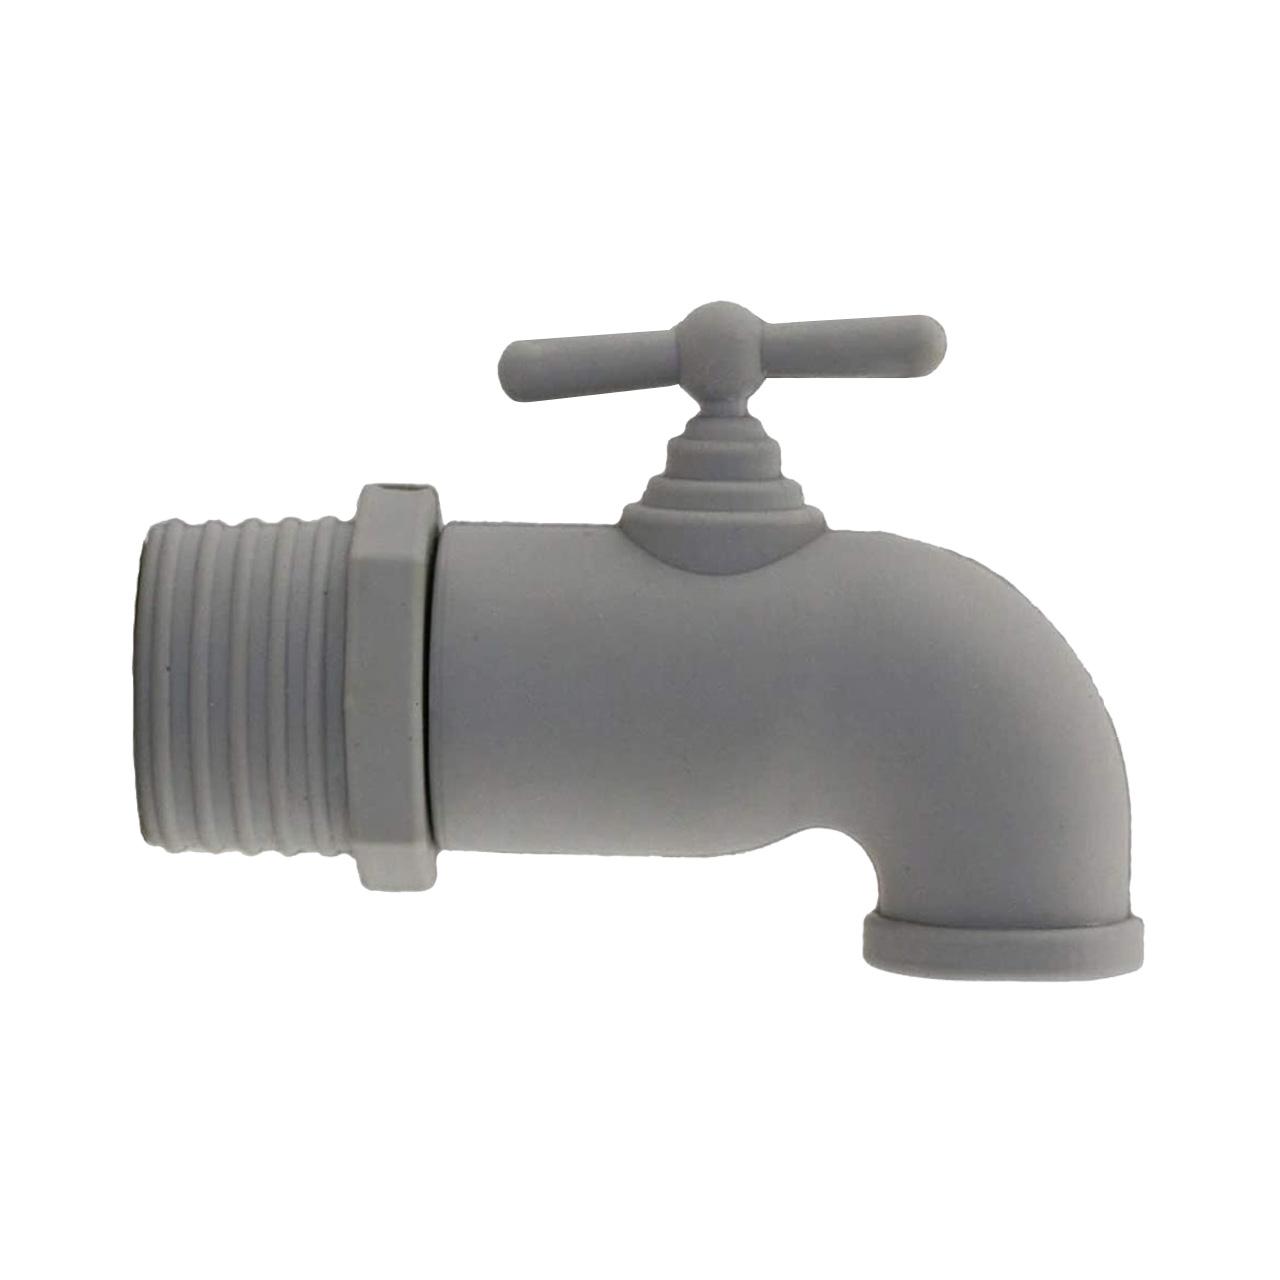 بررسی و {خرید با تخفیف} فلش مموری طرح شیر آب مدل Ul-Faucet ظرفیت 128 گیگابایت اصل